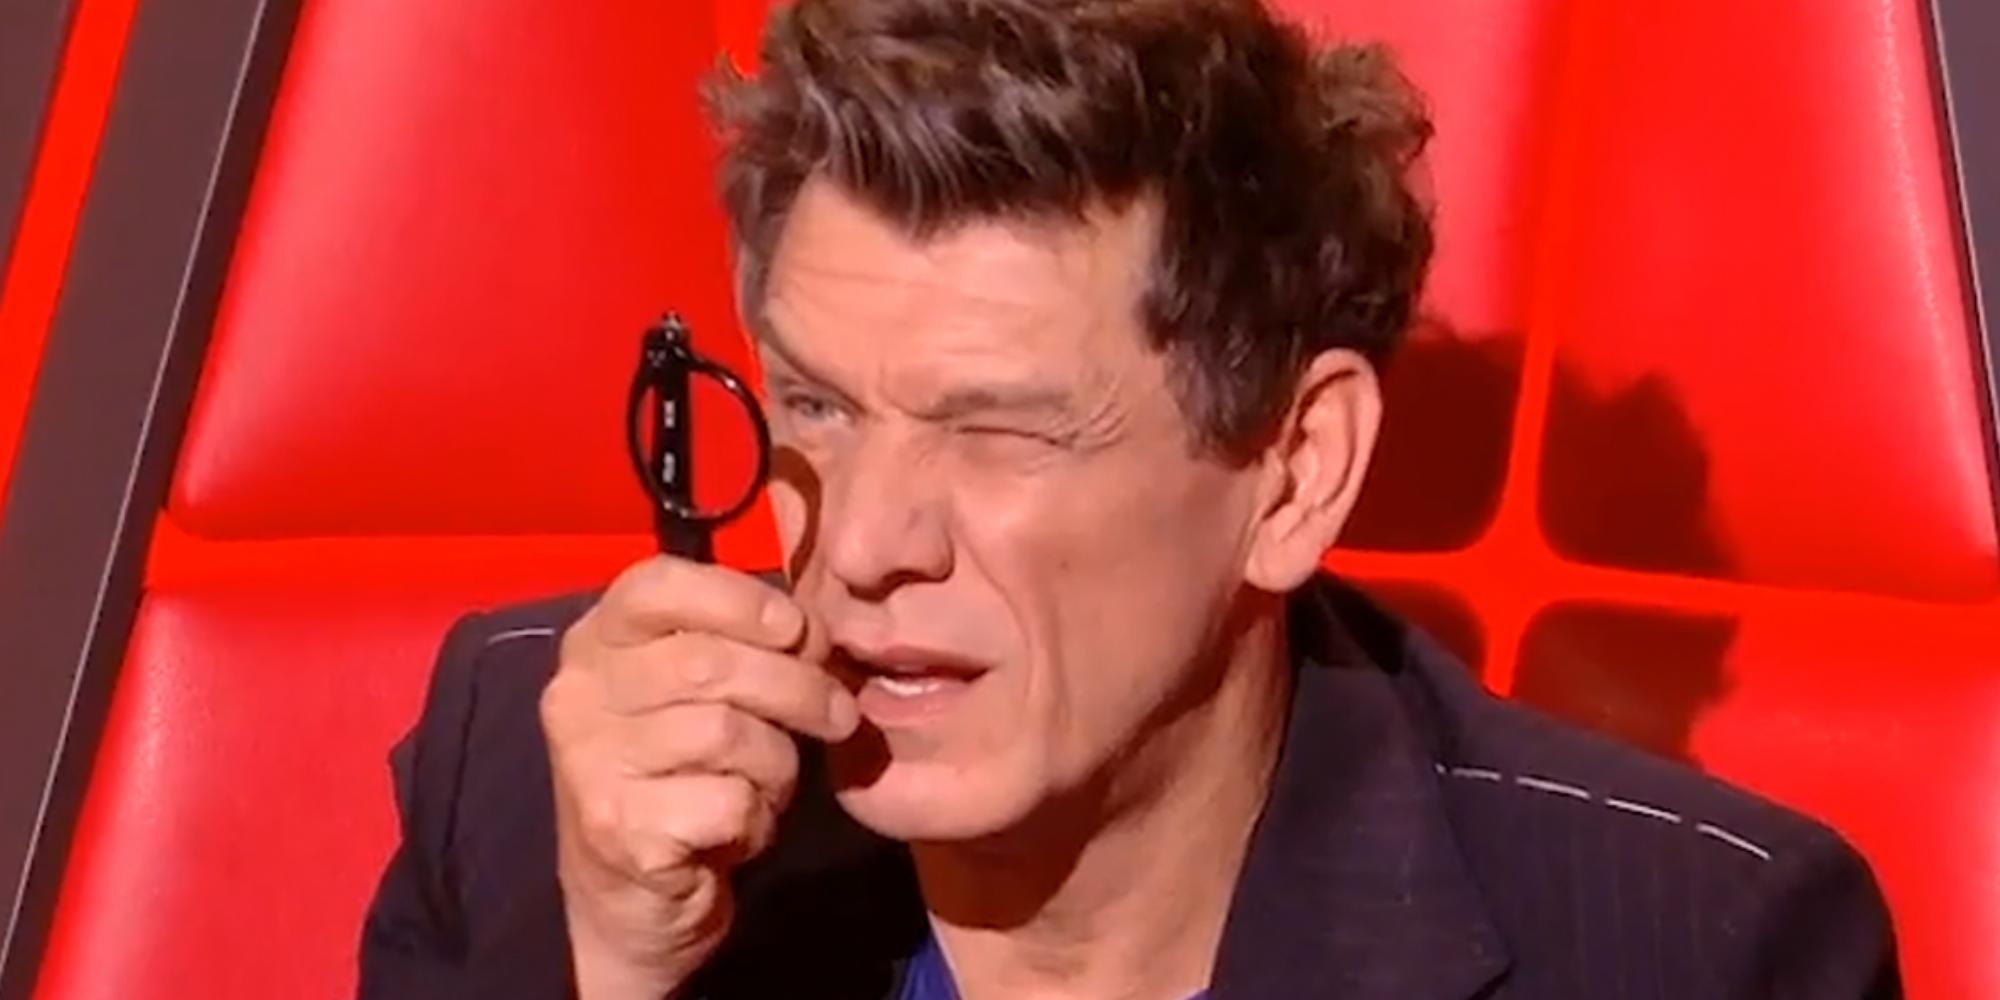 The Voice Marc Lavoine Explique Pourquoi Il Utilisait Ses Lunettes Aussi Bizarrement